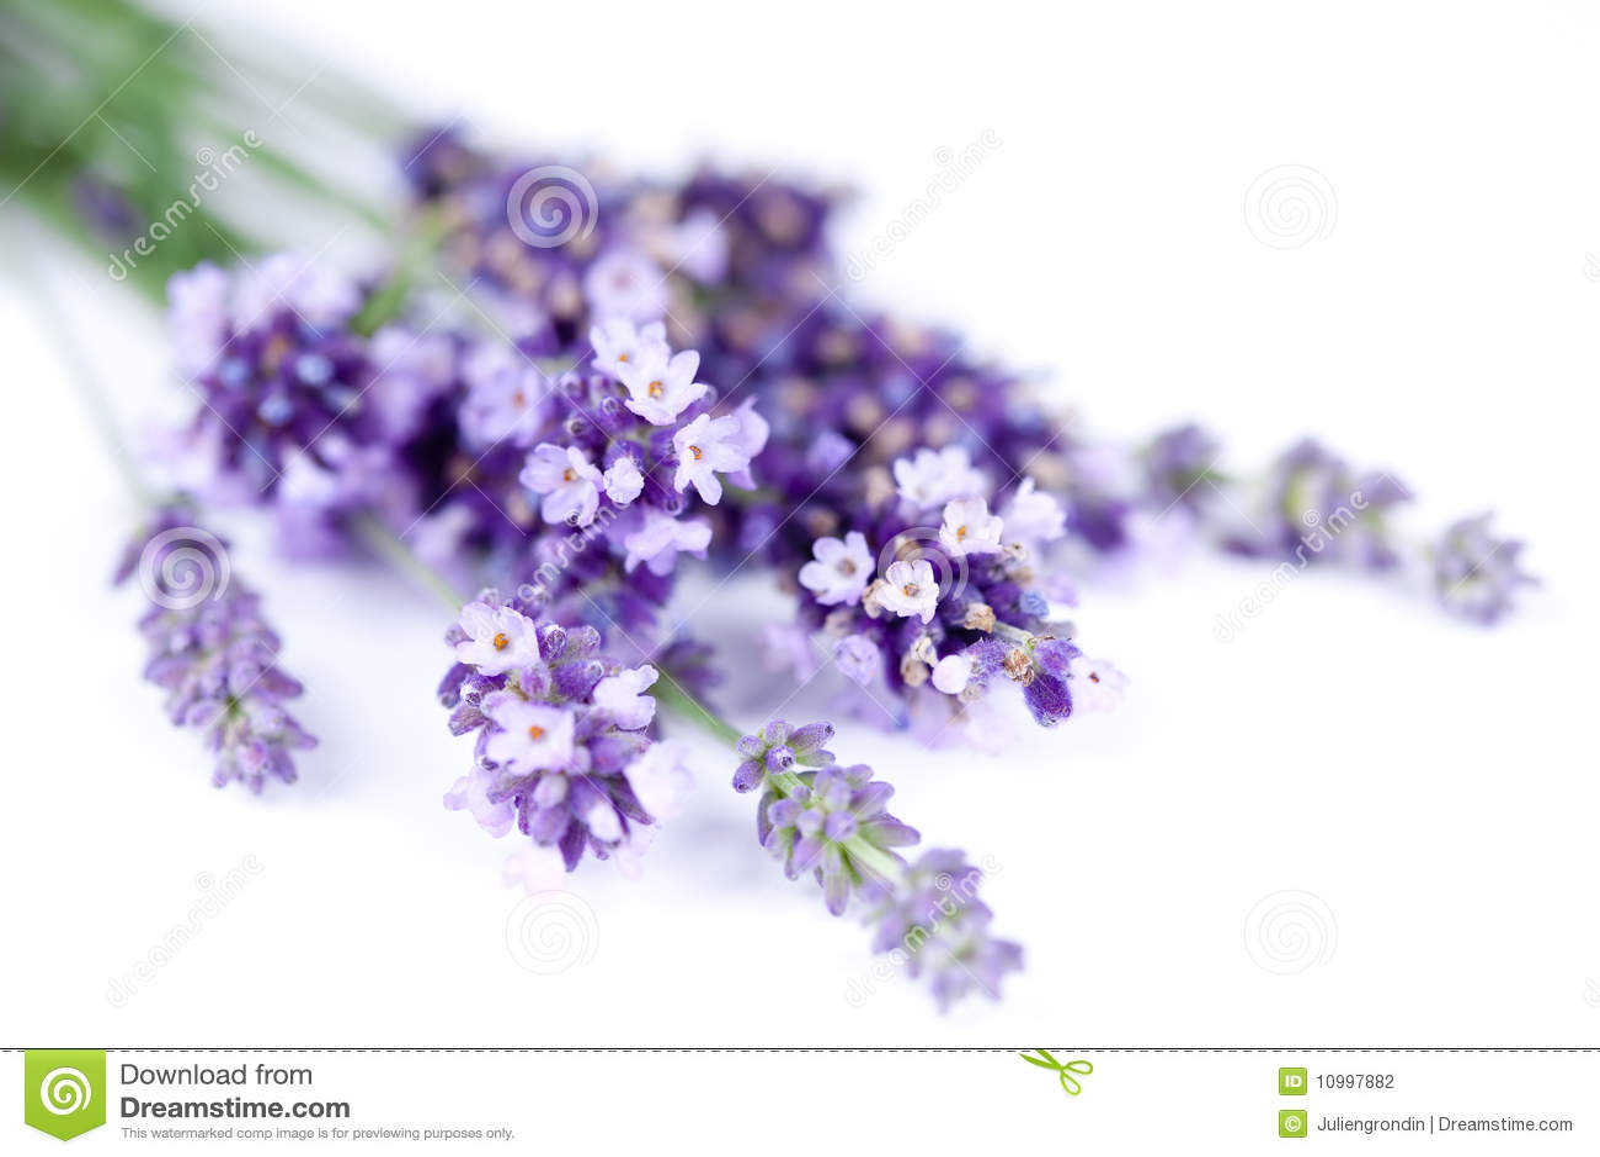 De bloem van de lavendel die op wit wordt geïsoleerdj